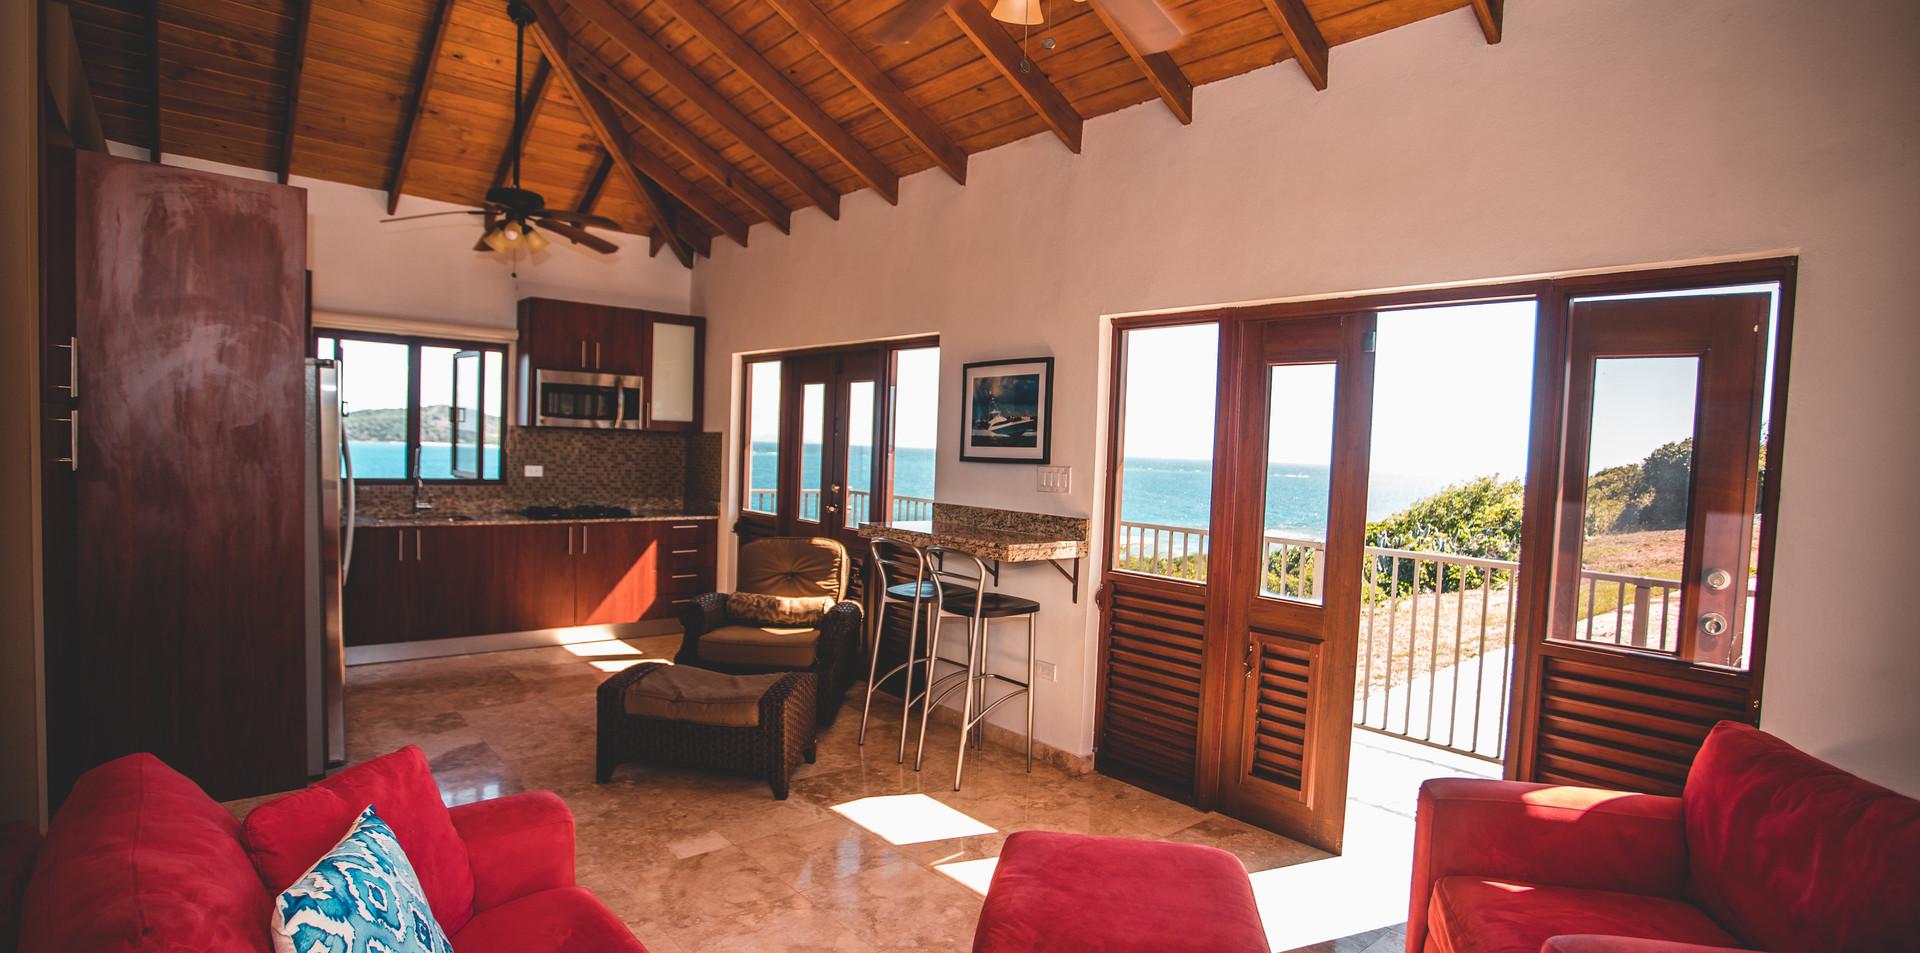 Guset Casita Kitchen/Living Area